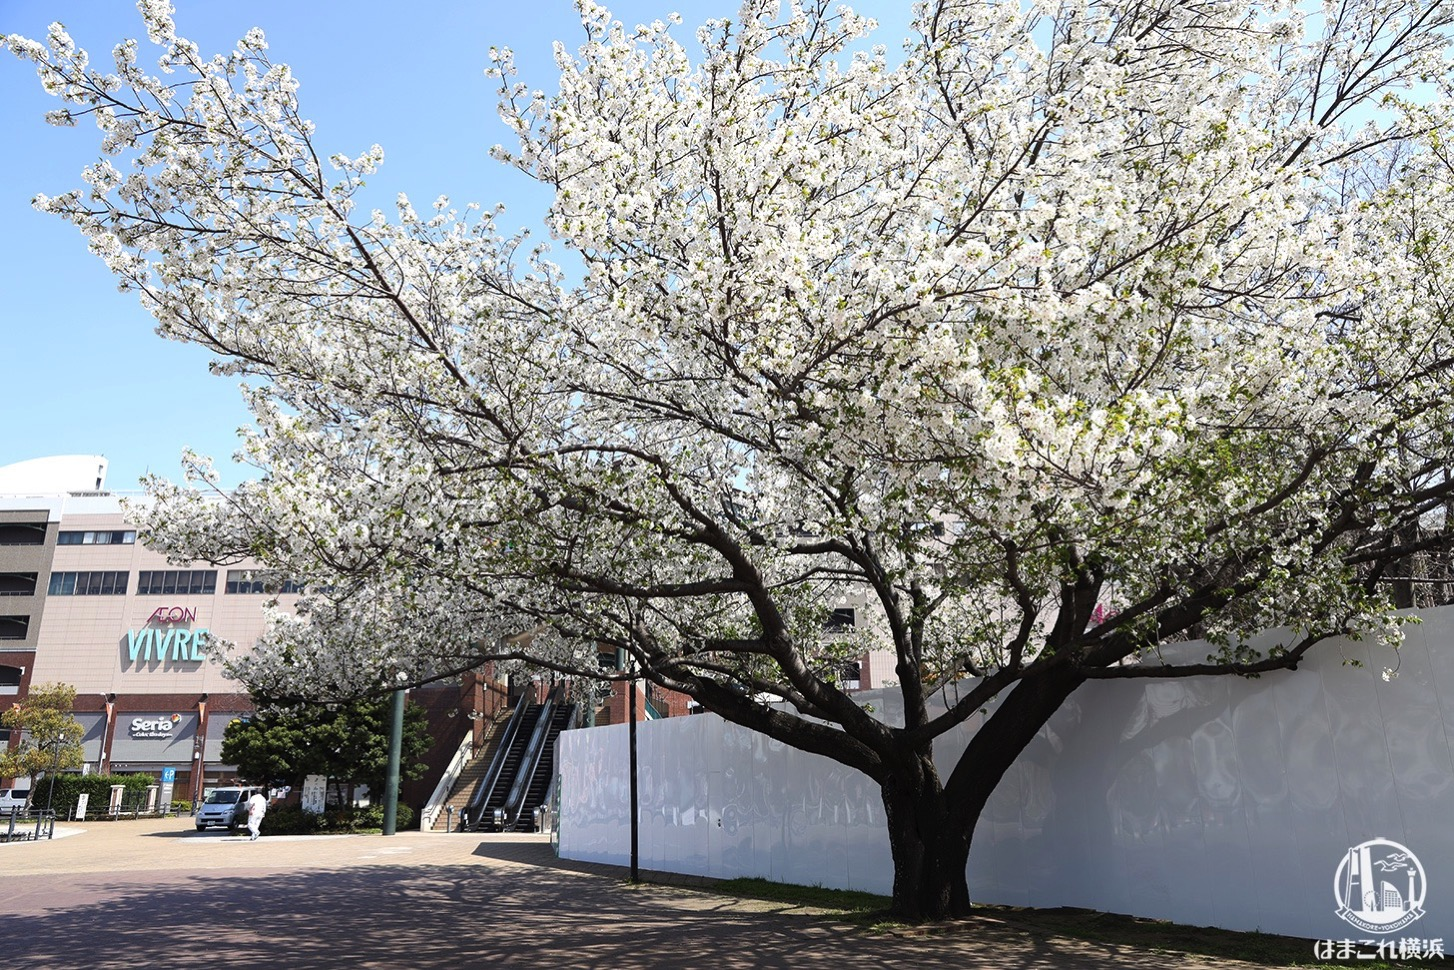 横浜ワールドポーターズ前の桜